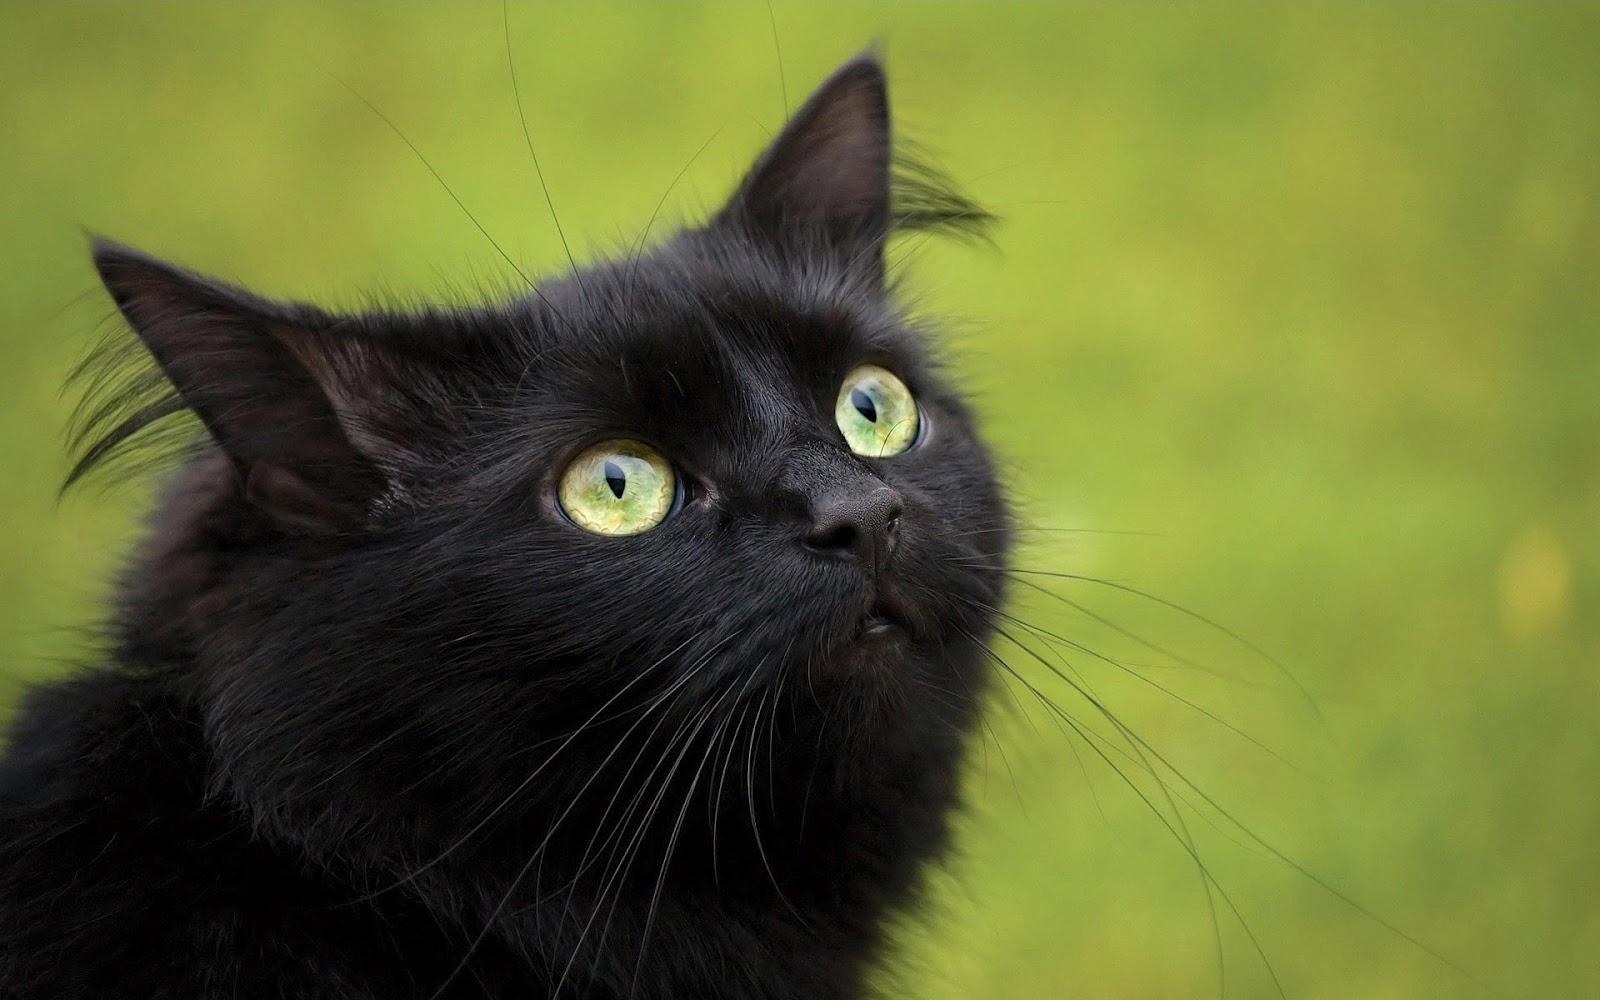 Cat Eyes Black Background